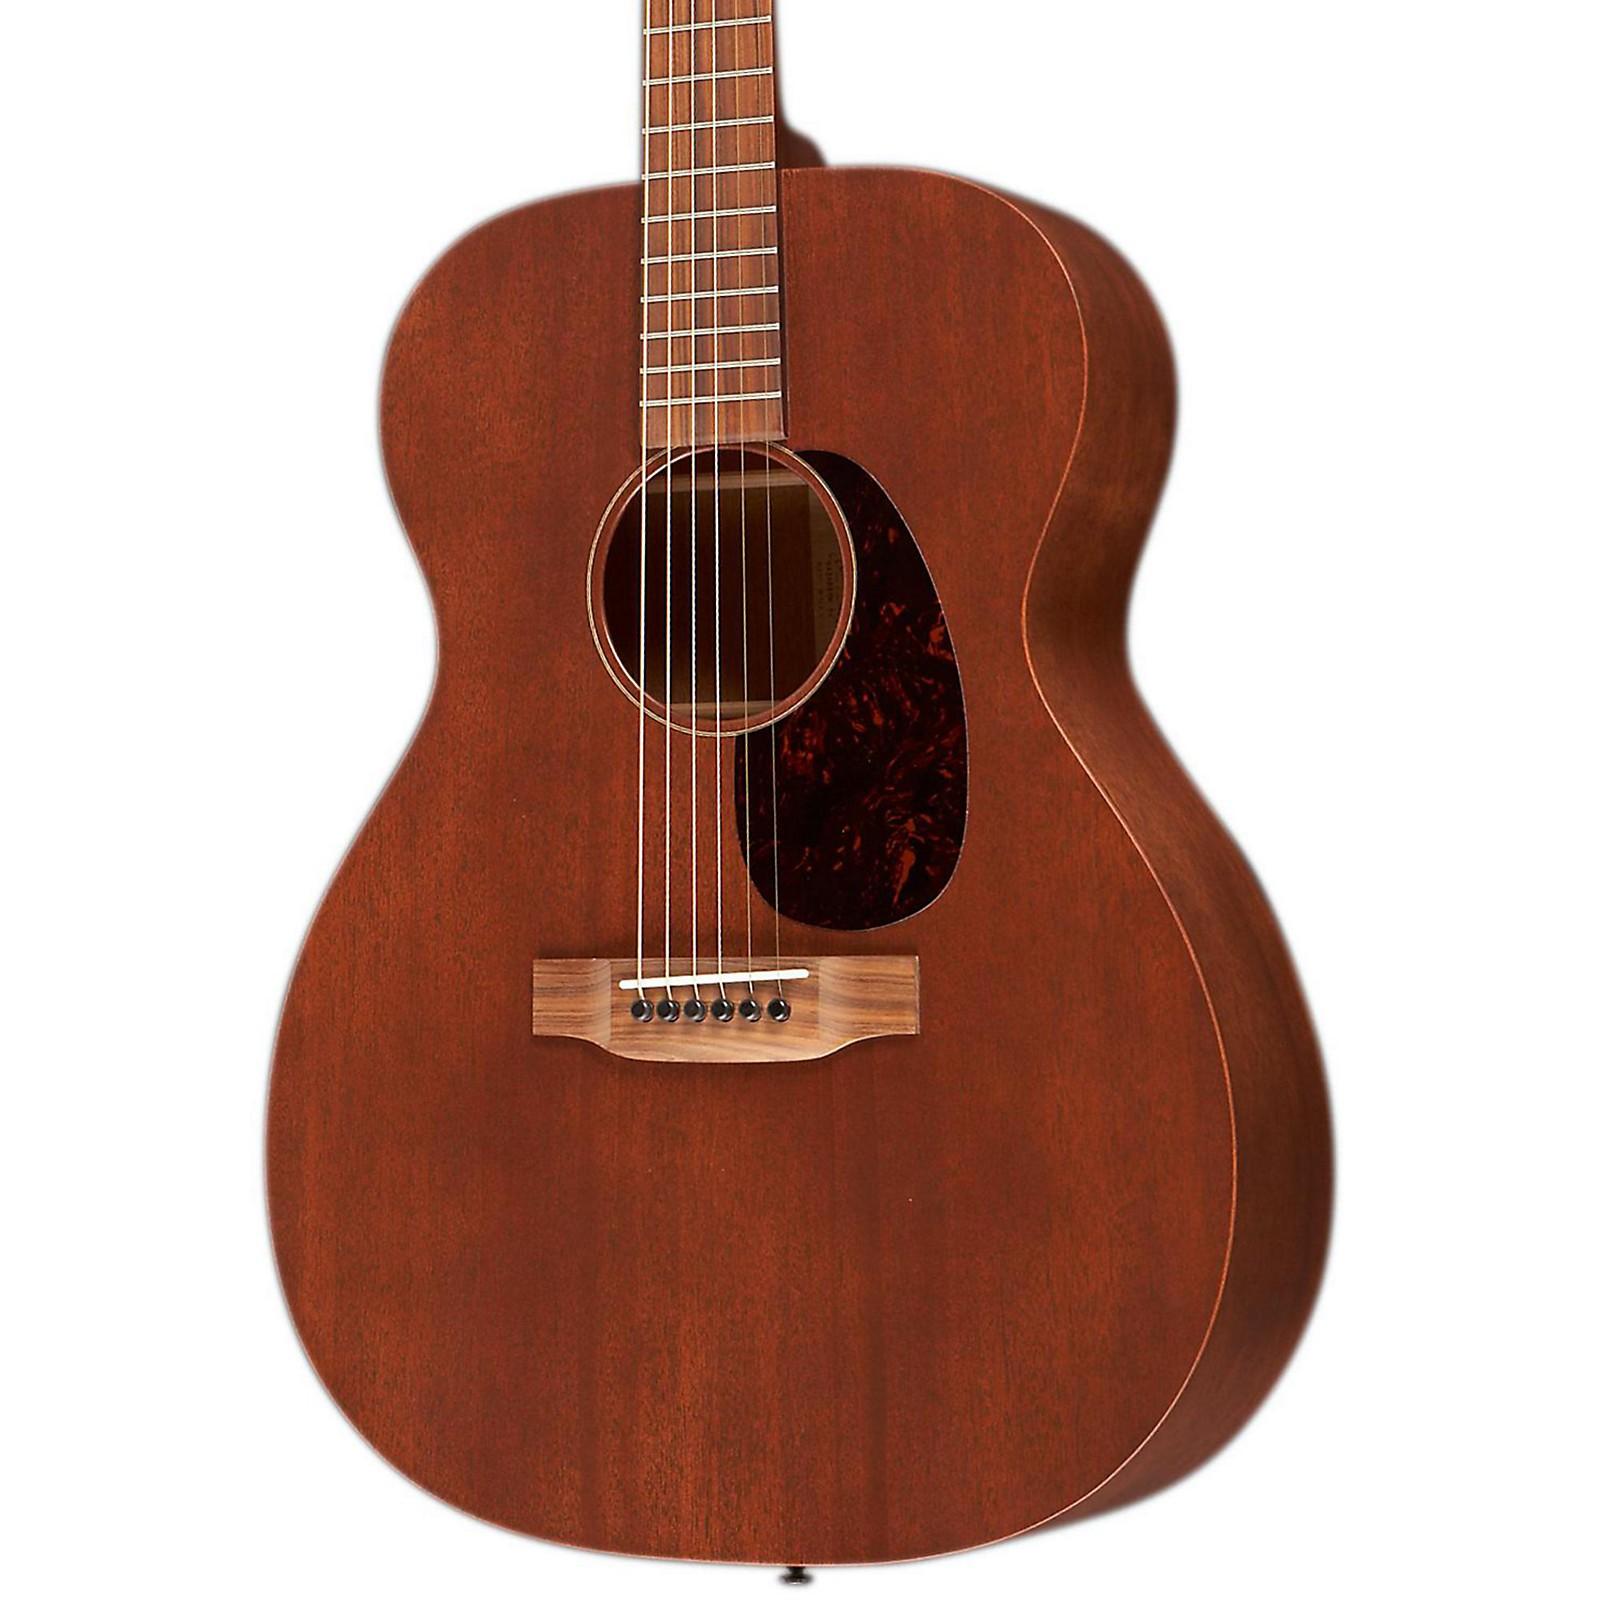 Martin 15 Series 000-15M Auditorium Acoustic Guitar